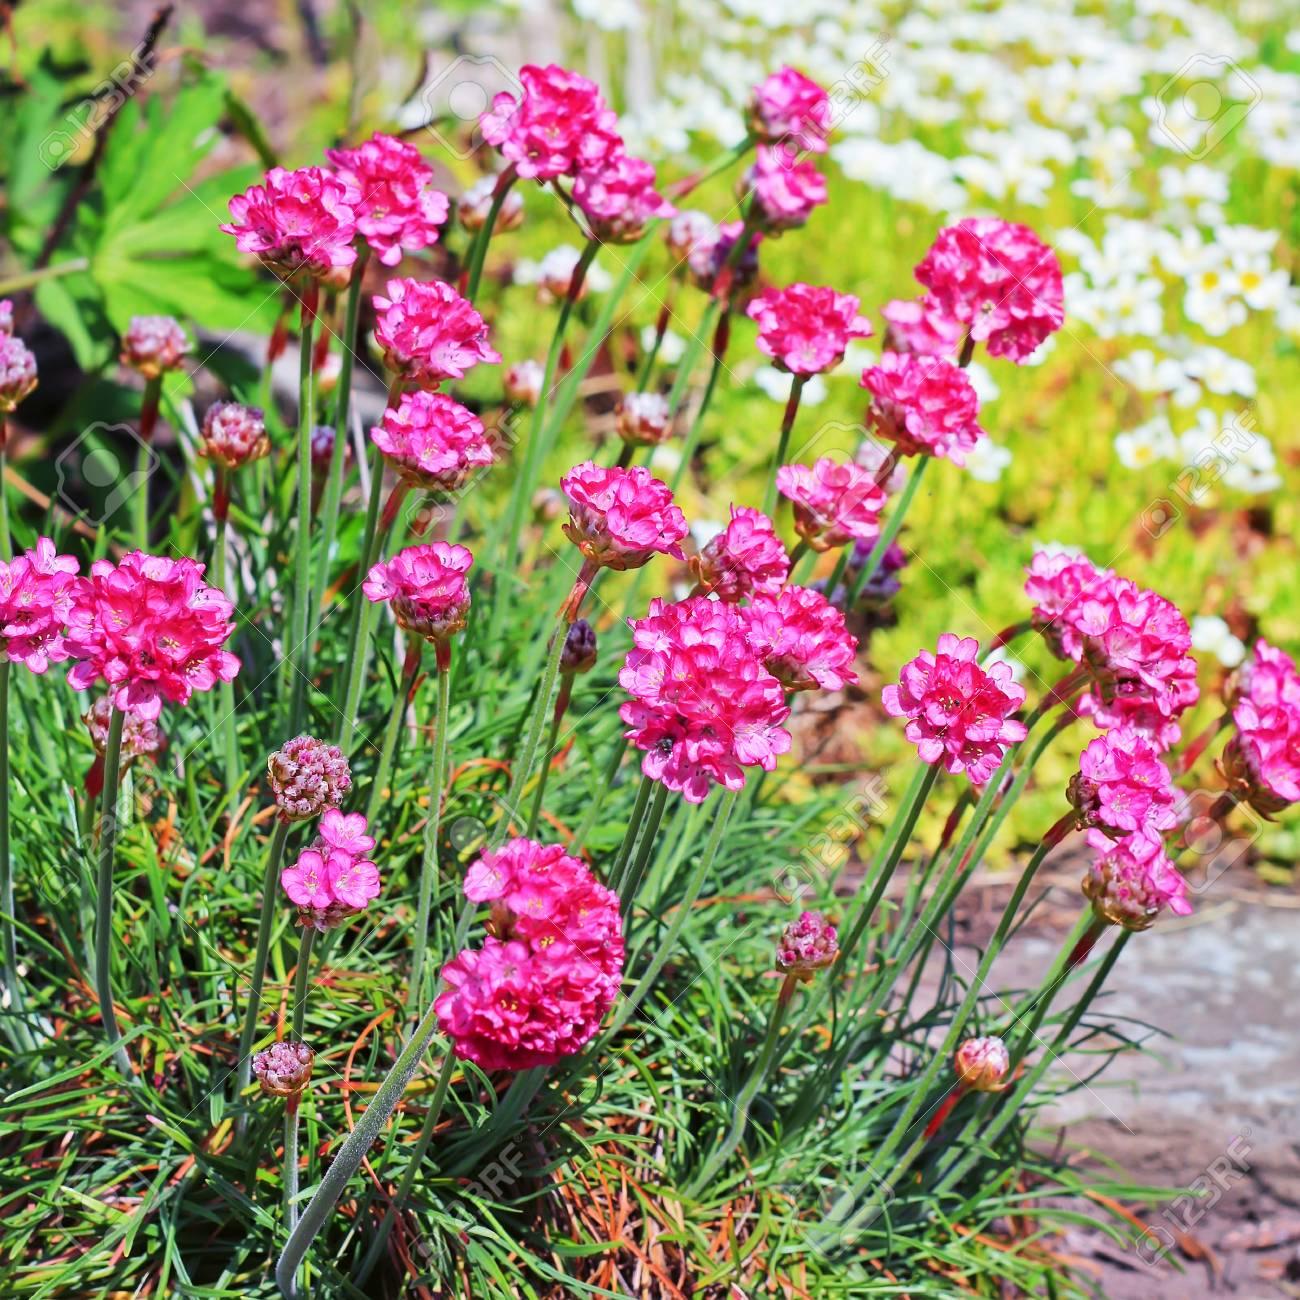 Seaside Thrift Armeria Maritima Plumbaginaceae Decorative